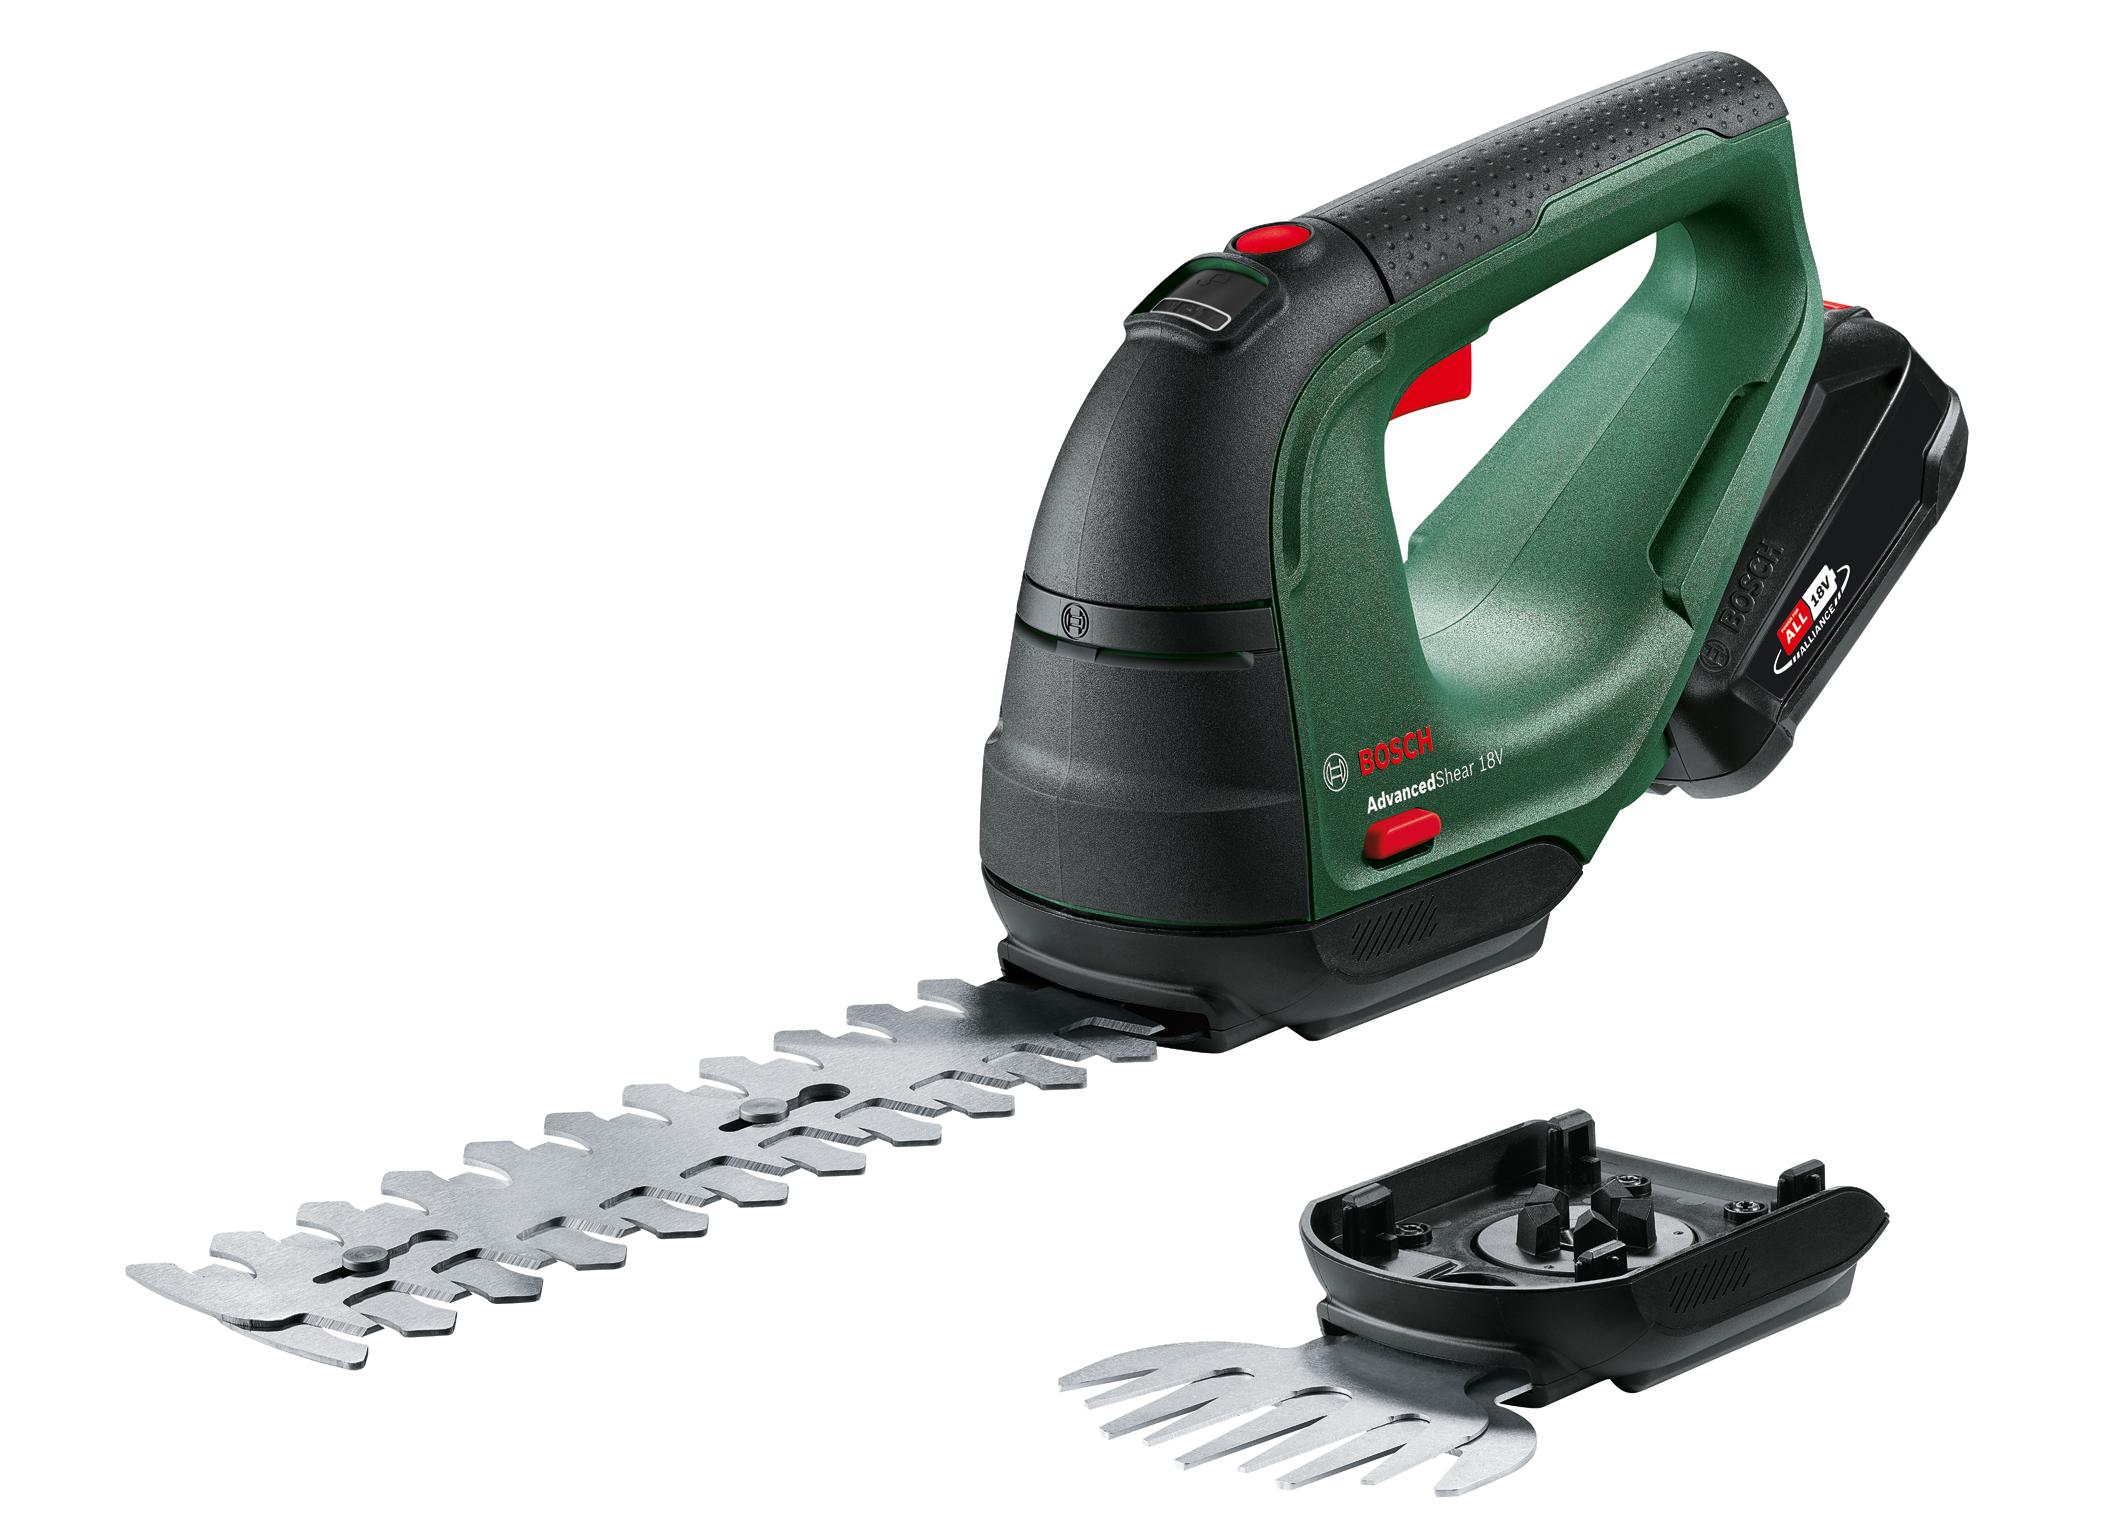 Kompakt und präzise für die Strauch- und Graspflege: AdvancedShear 18V-10 von Bosch für Hobbygärtner